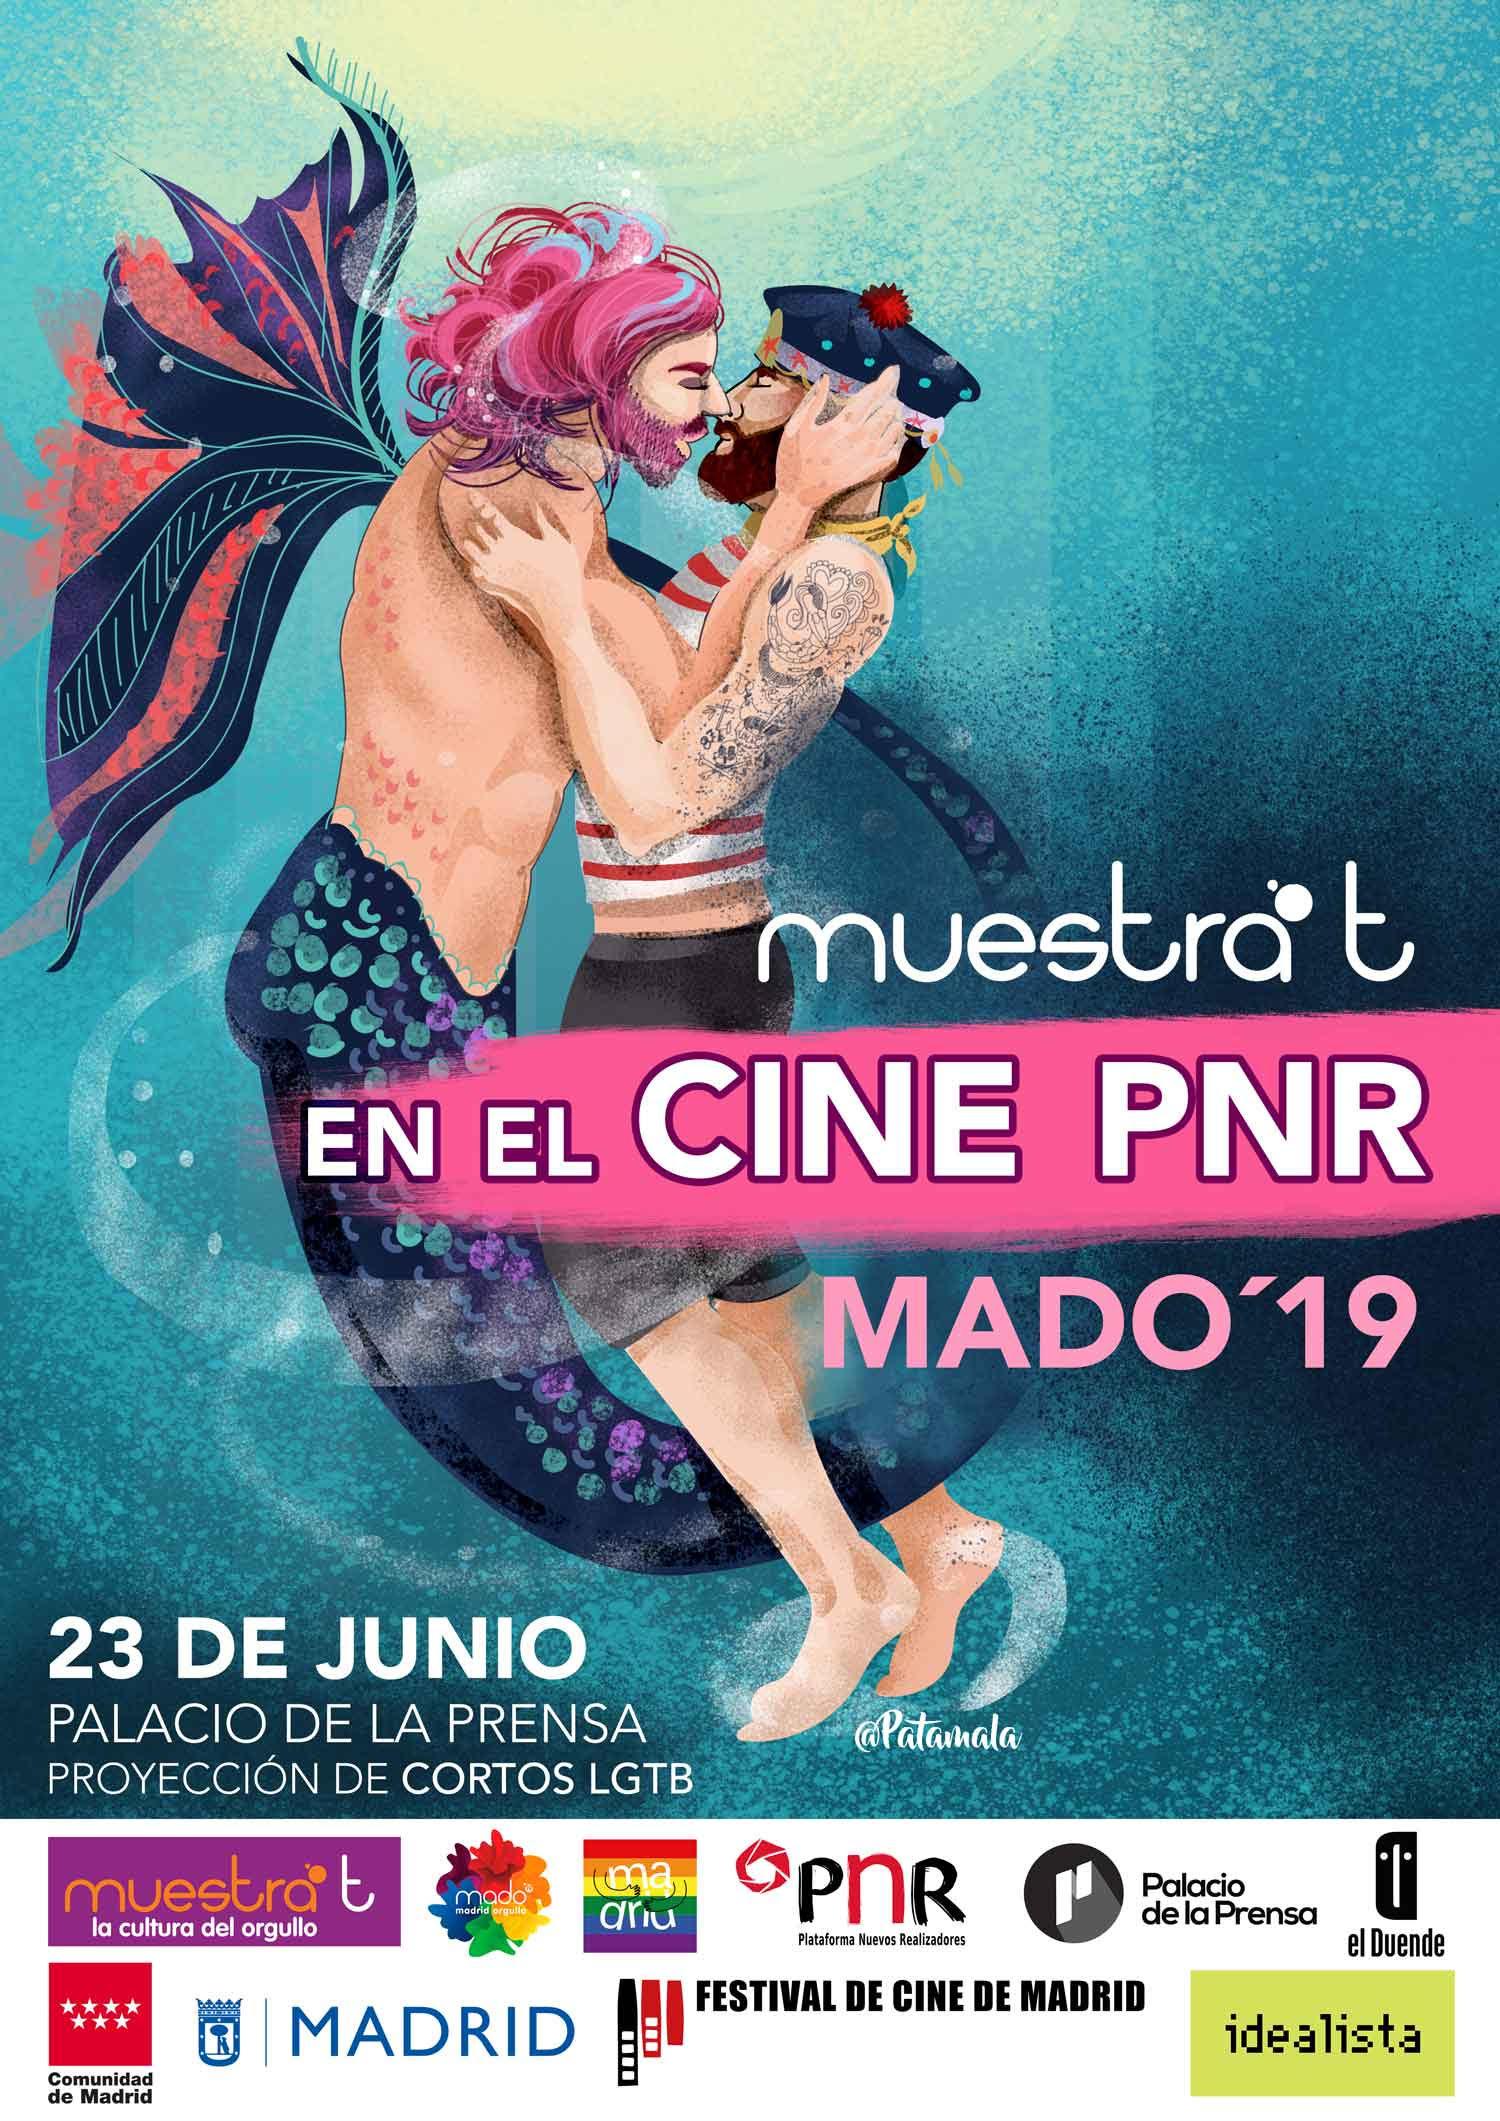 Ciclo de cortos LGBT+ en el Palacio de la Prensa de Madrid